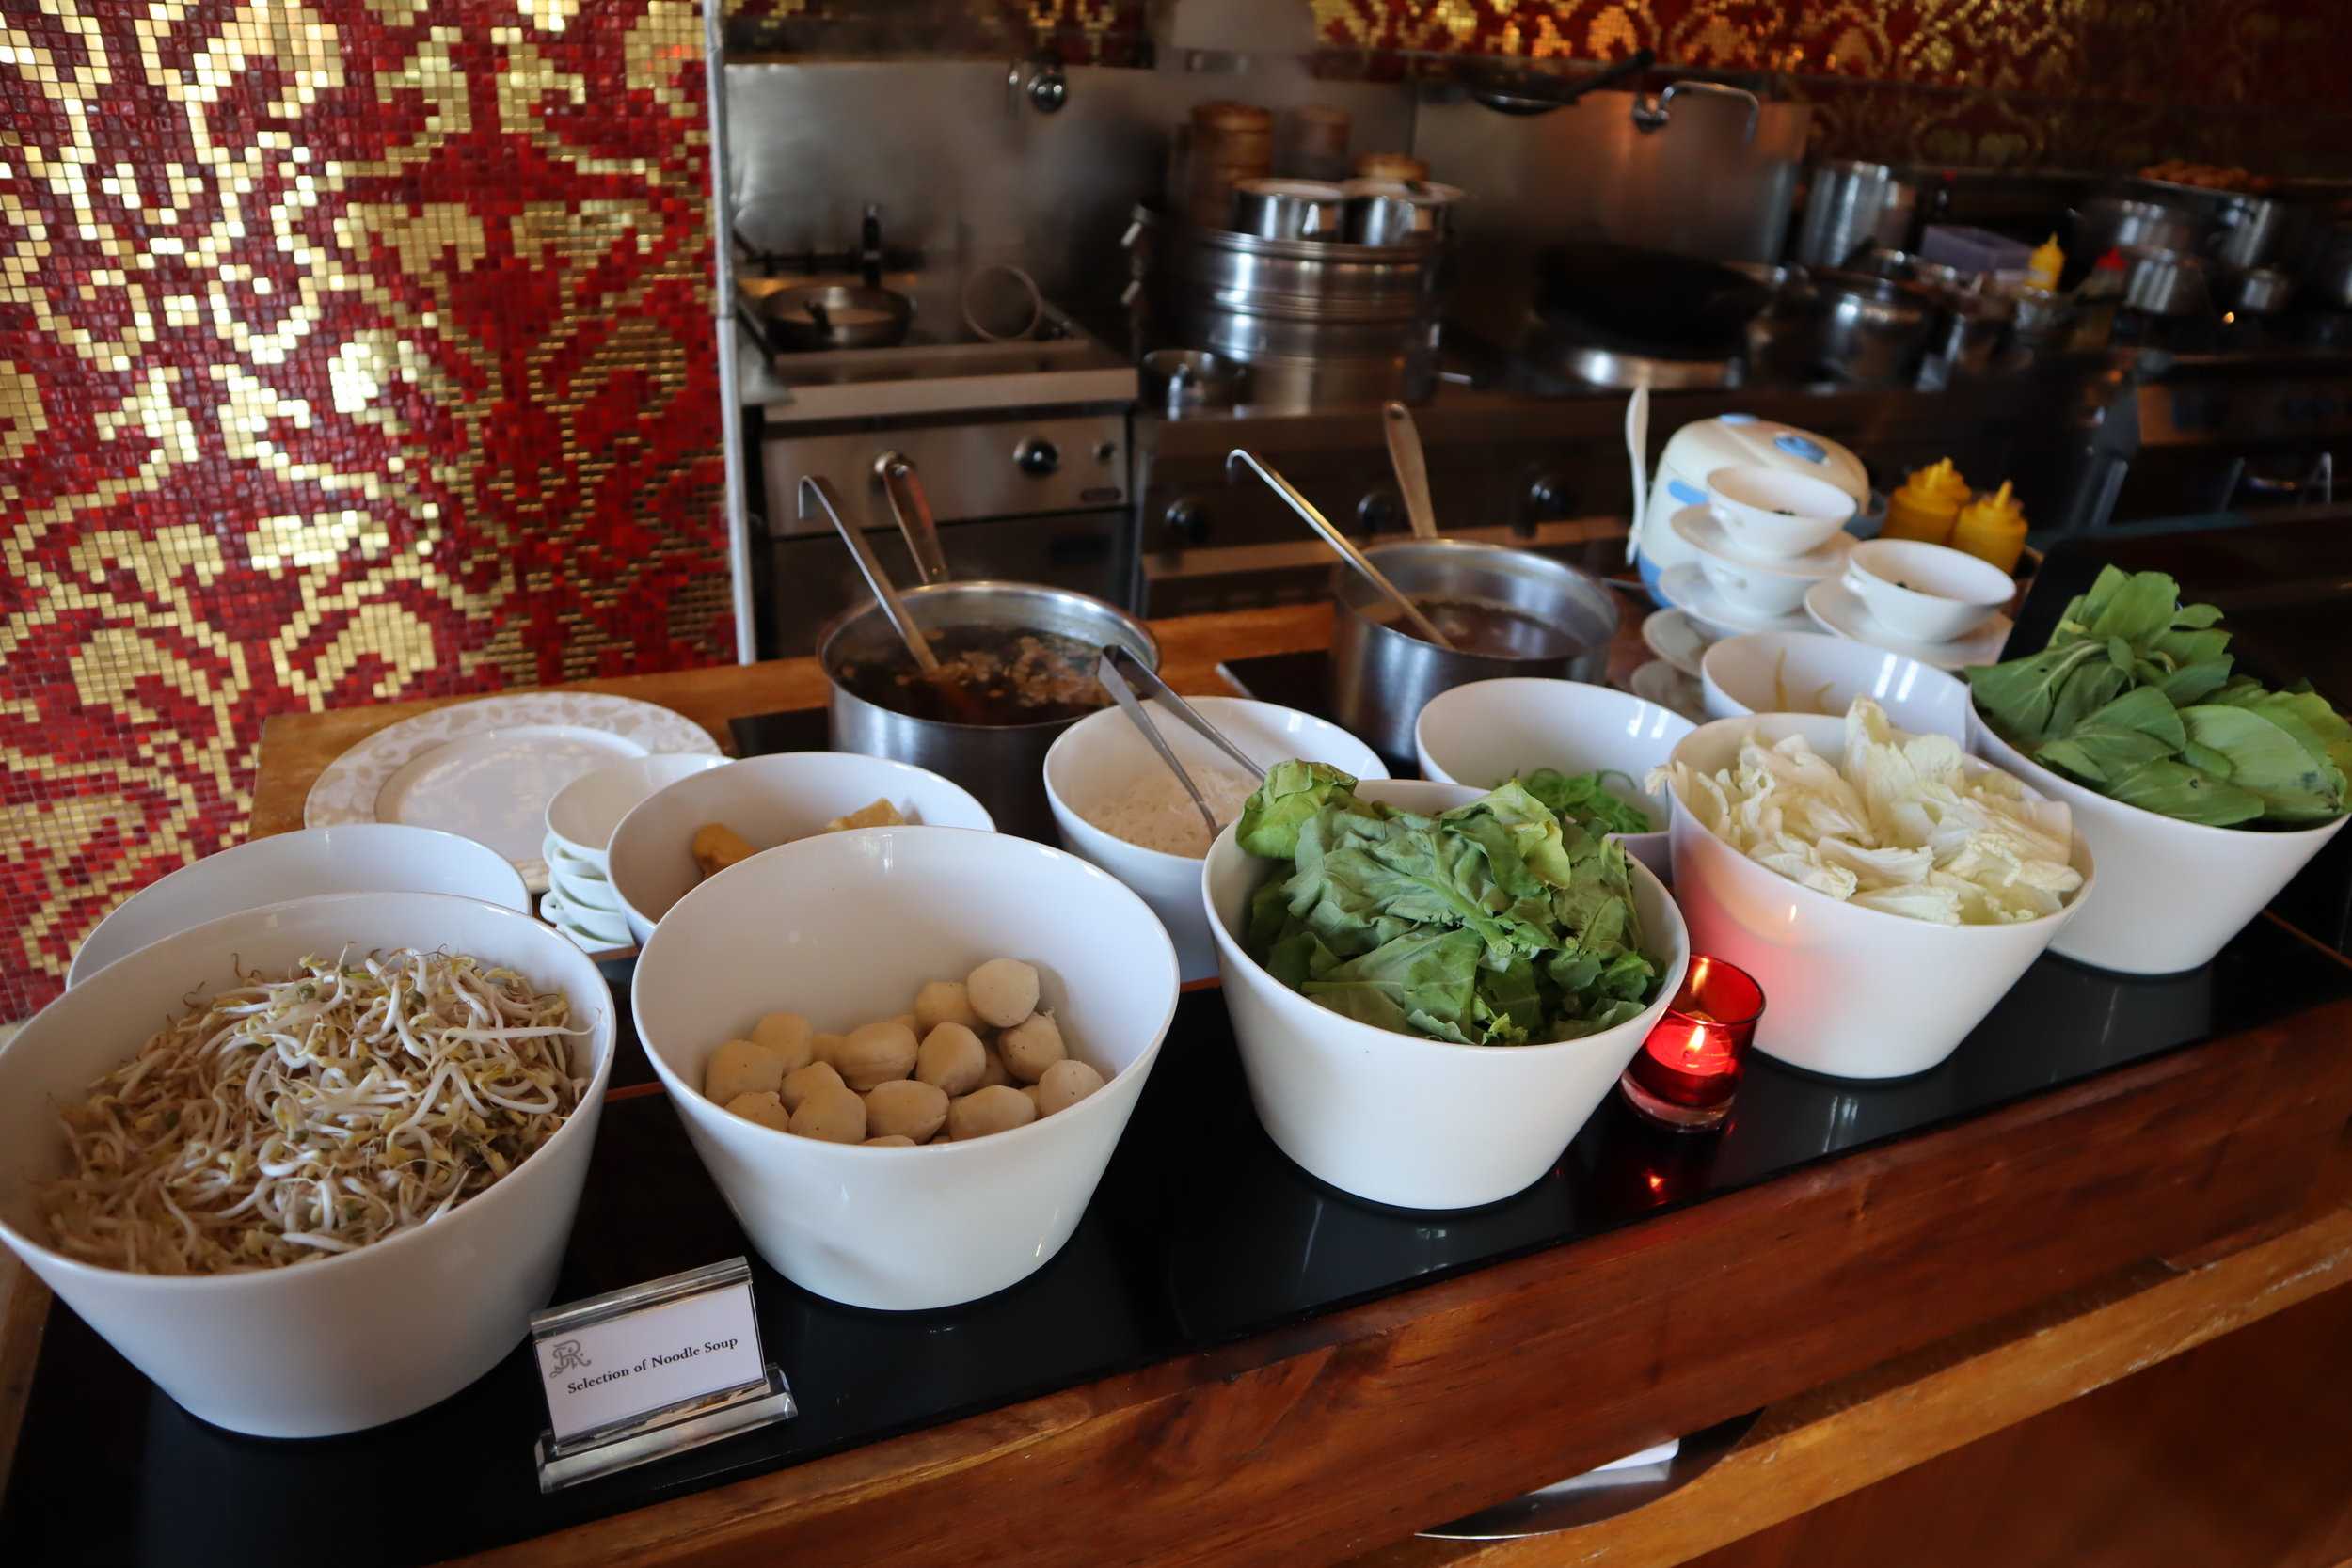 St. Regis Bali – Noodle station